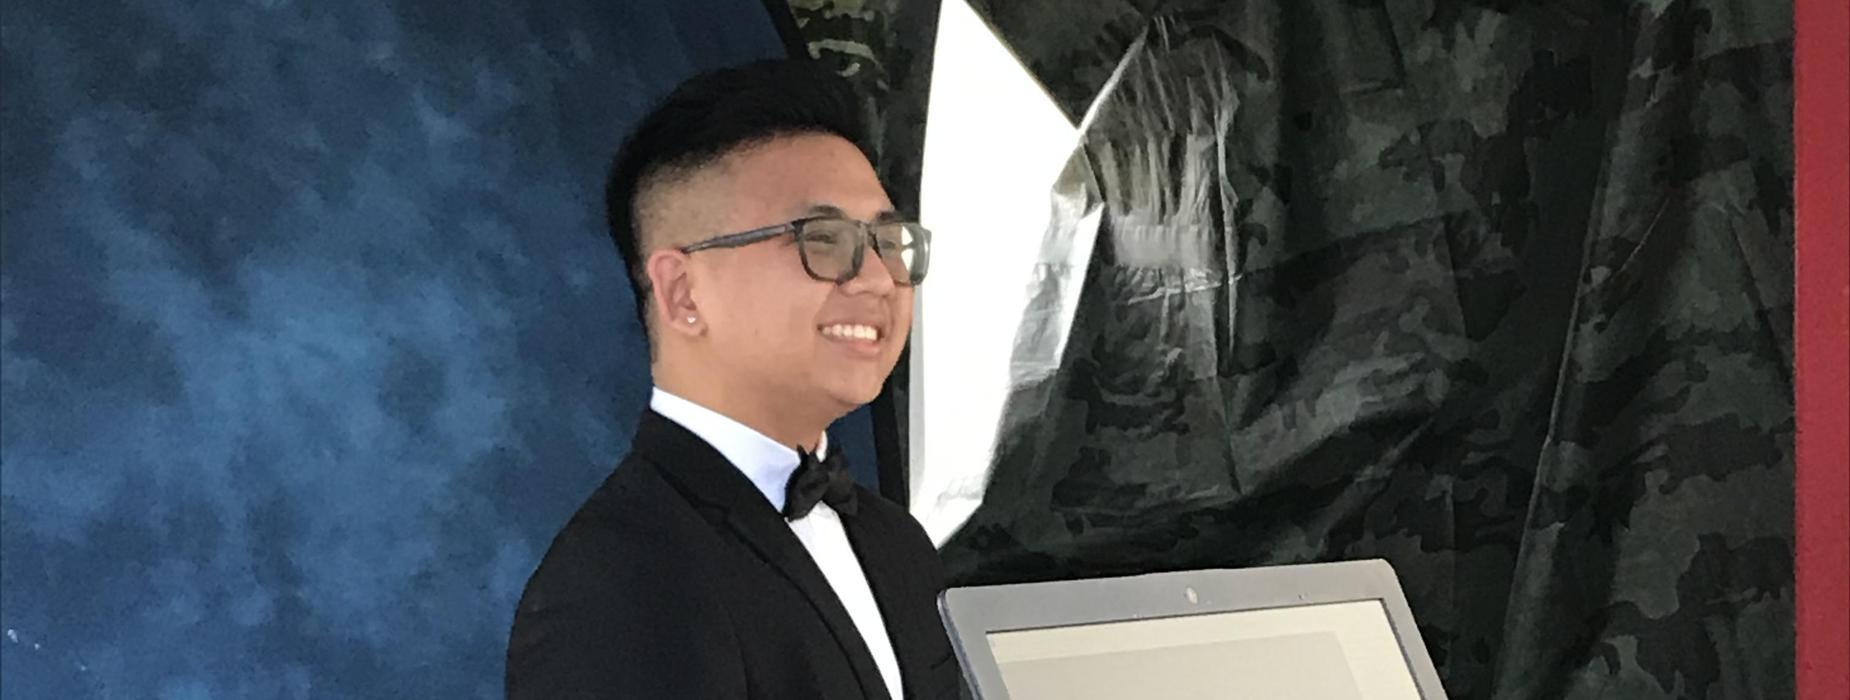 SGHS Matadors 2020 Student Graduate